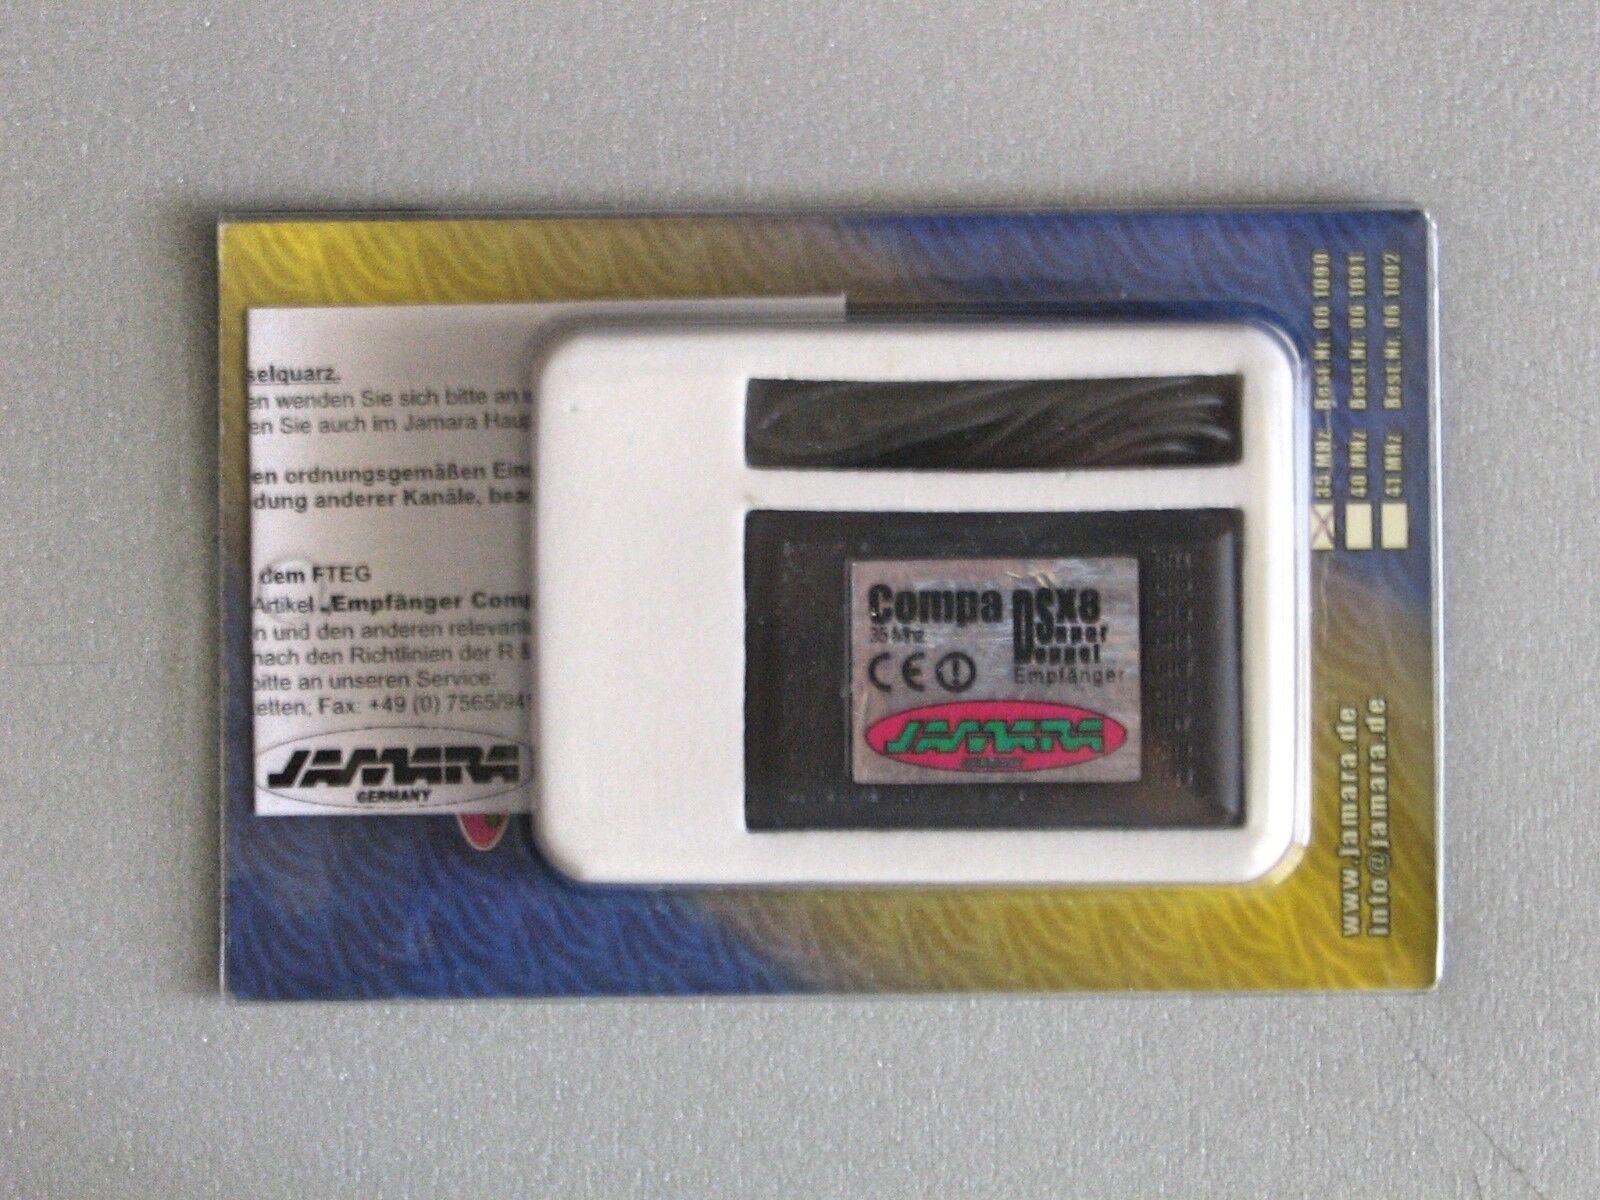 JAMARA Empfänger Compa DSX8 35Mhz